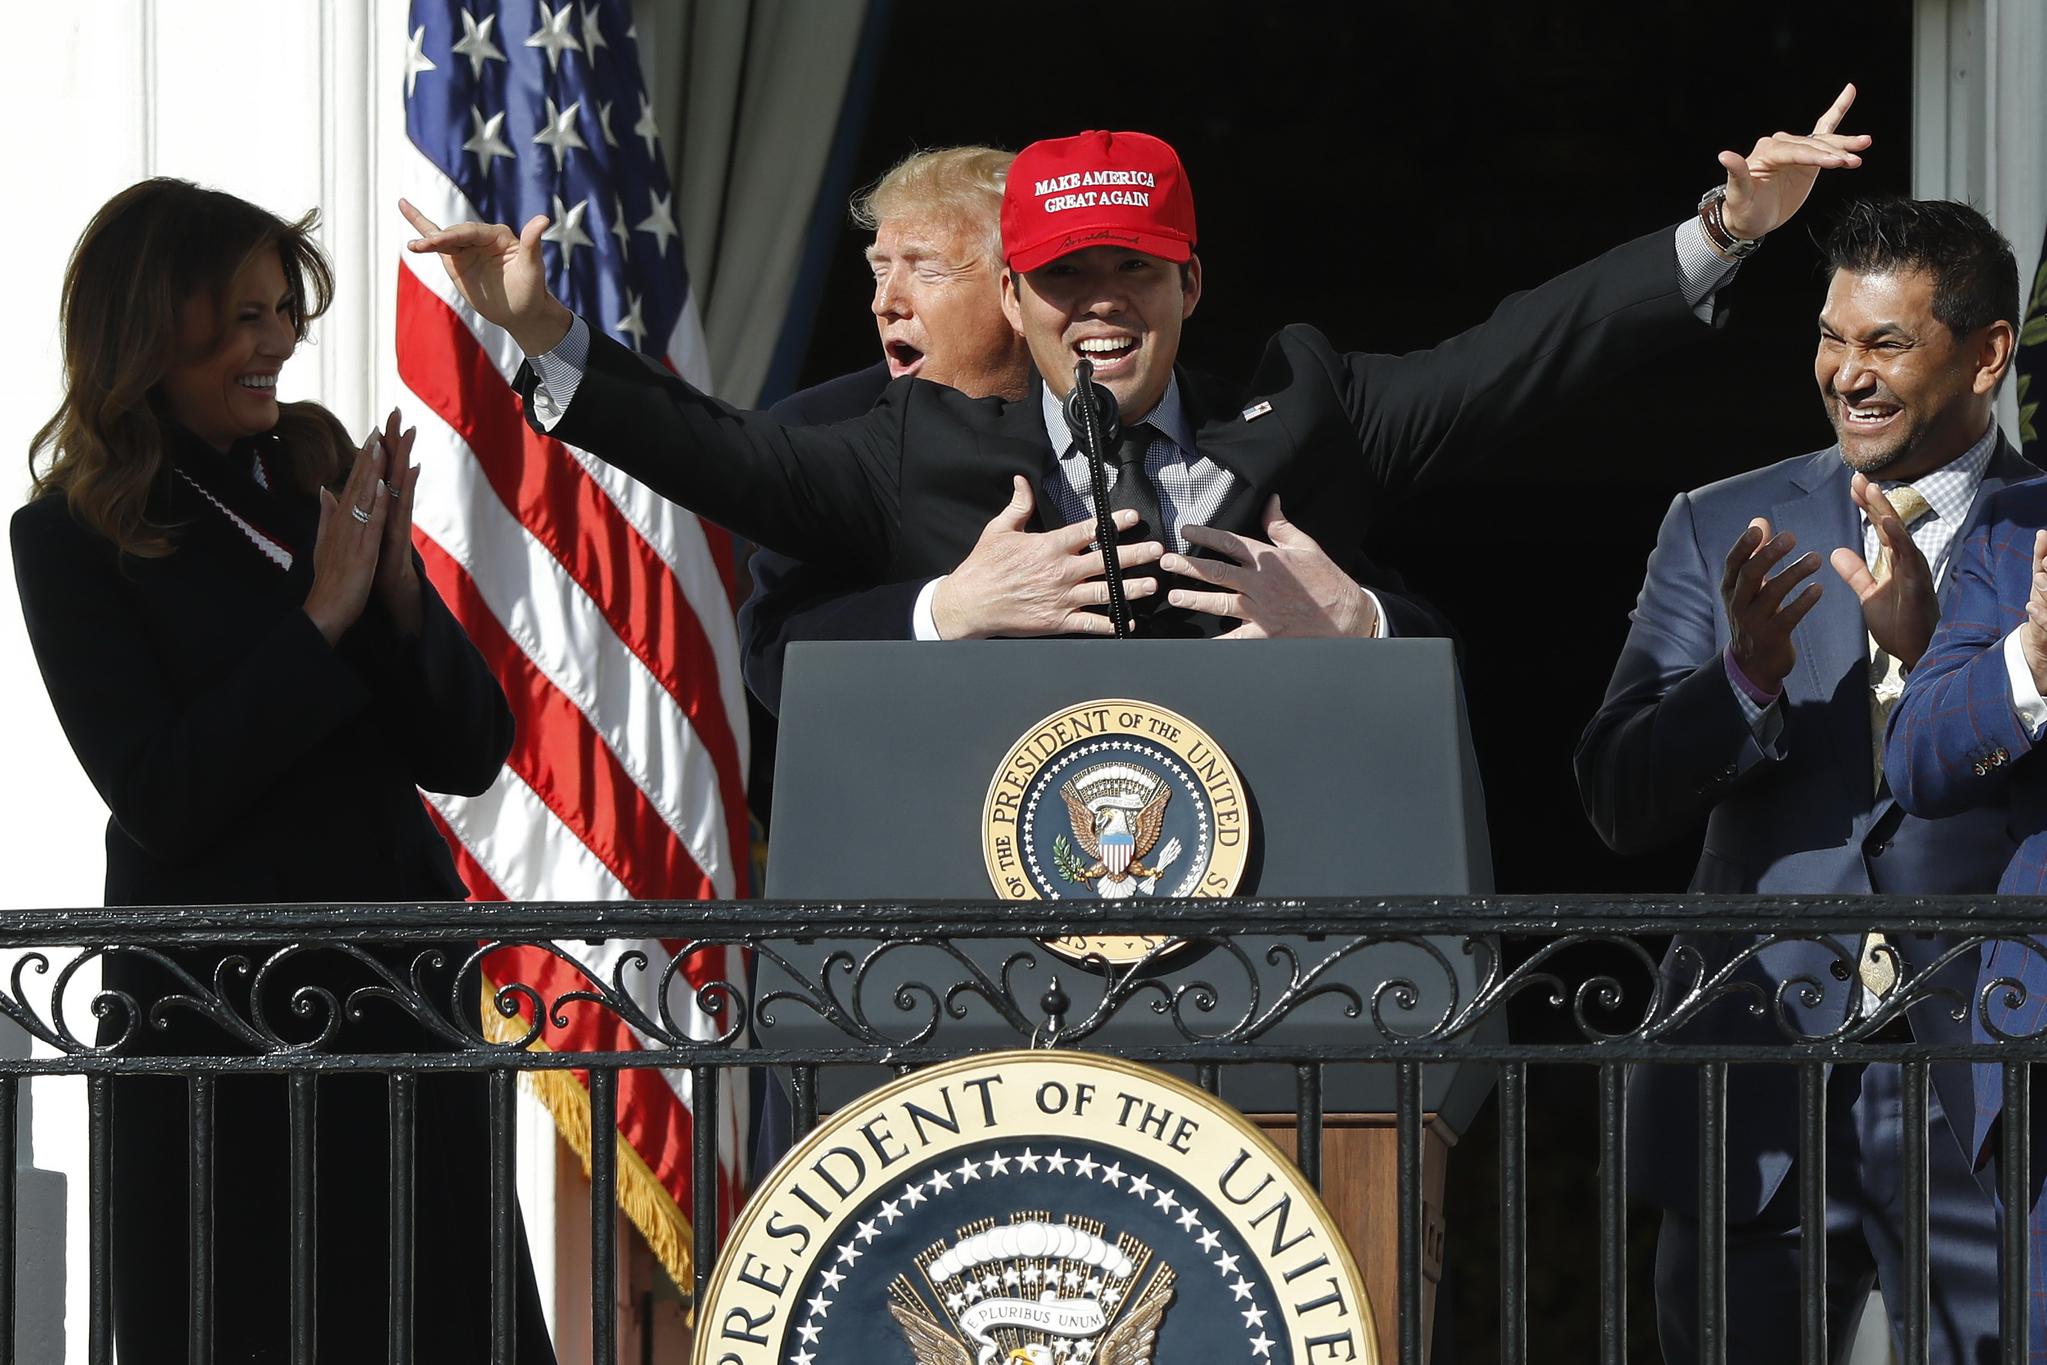 도널드 트럼프 미국 대통령이 4일 백악관 남쪽 트루먼 발코니에서 열린 2019 월드 시리즈 우승팀 워싱턴 내셔널스 초청 행사에서 내셔널스 포수 커트 스즈키를 뒤쪽에서 안고 있다. [USA TODAY Sports=연합뉴스]